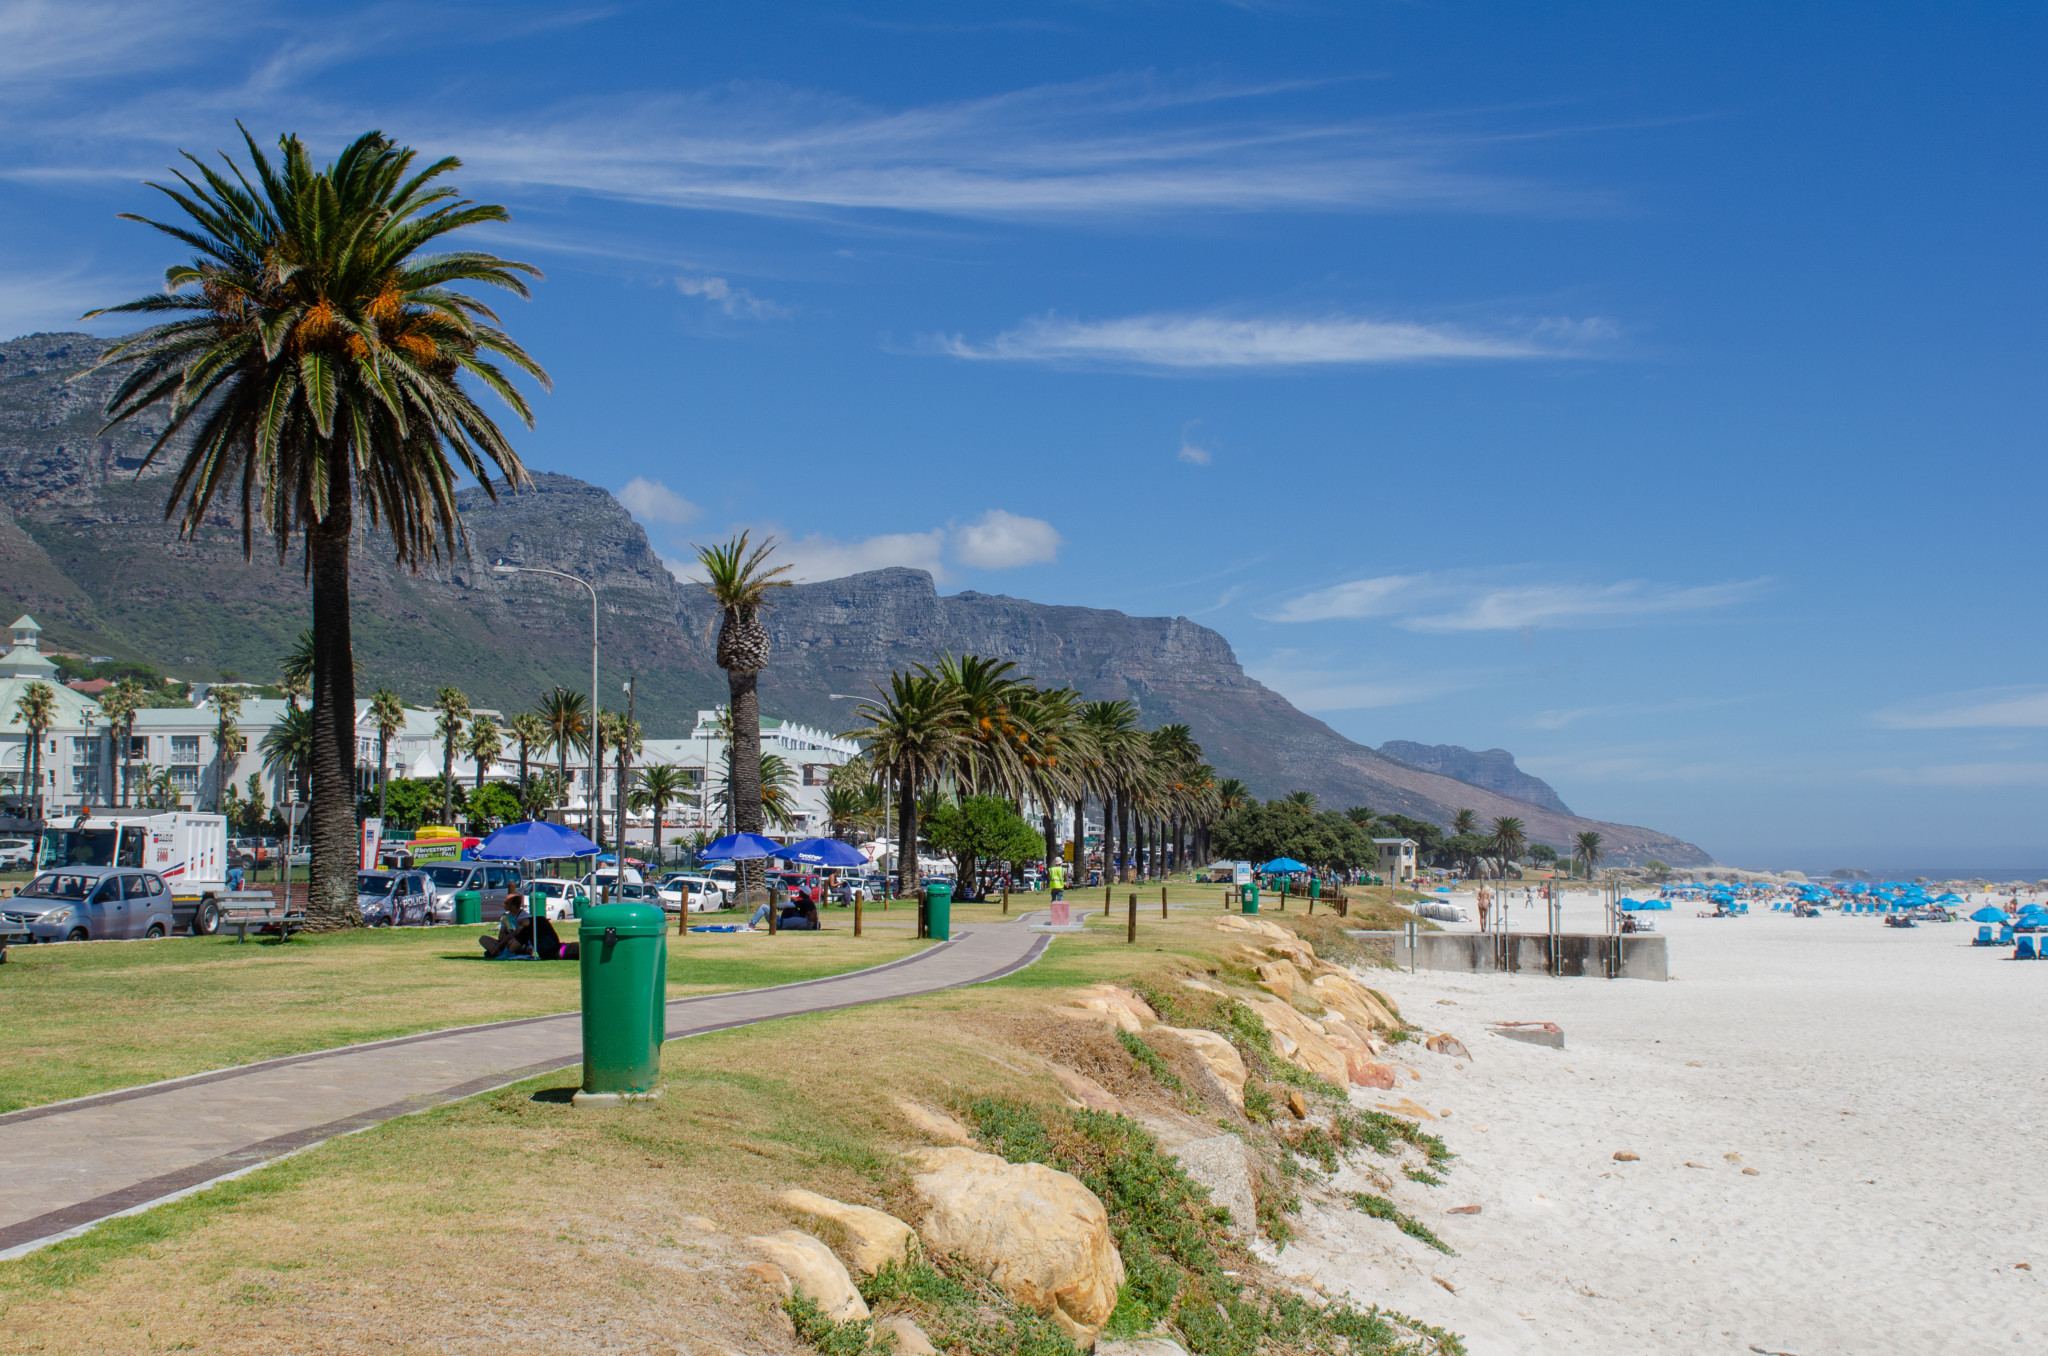 Camps Bay gehört zu den Südafrika Sehenswürdigkeiten, allein wegen der Strandpromenade